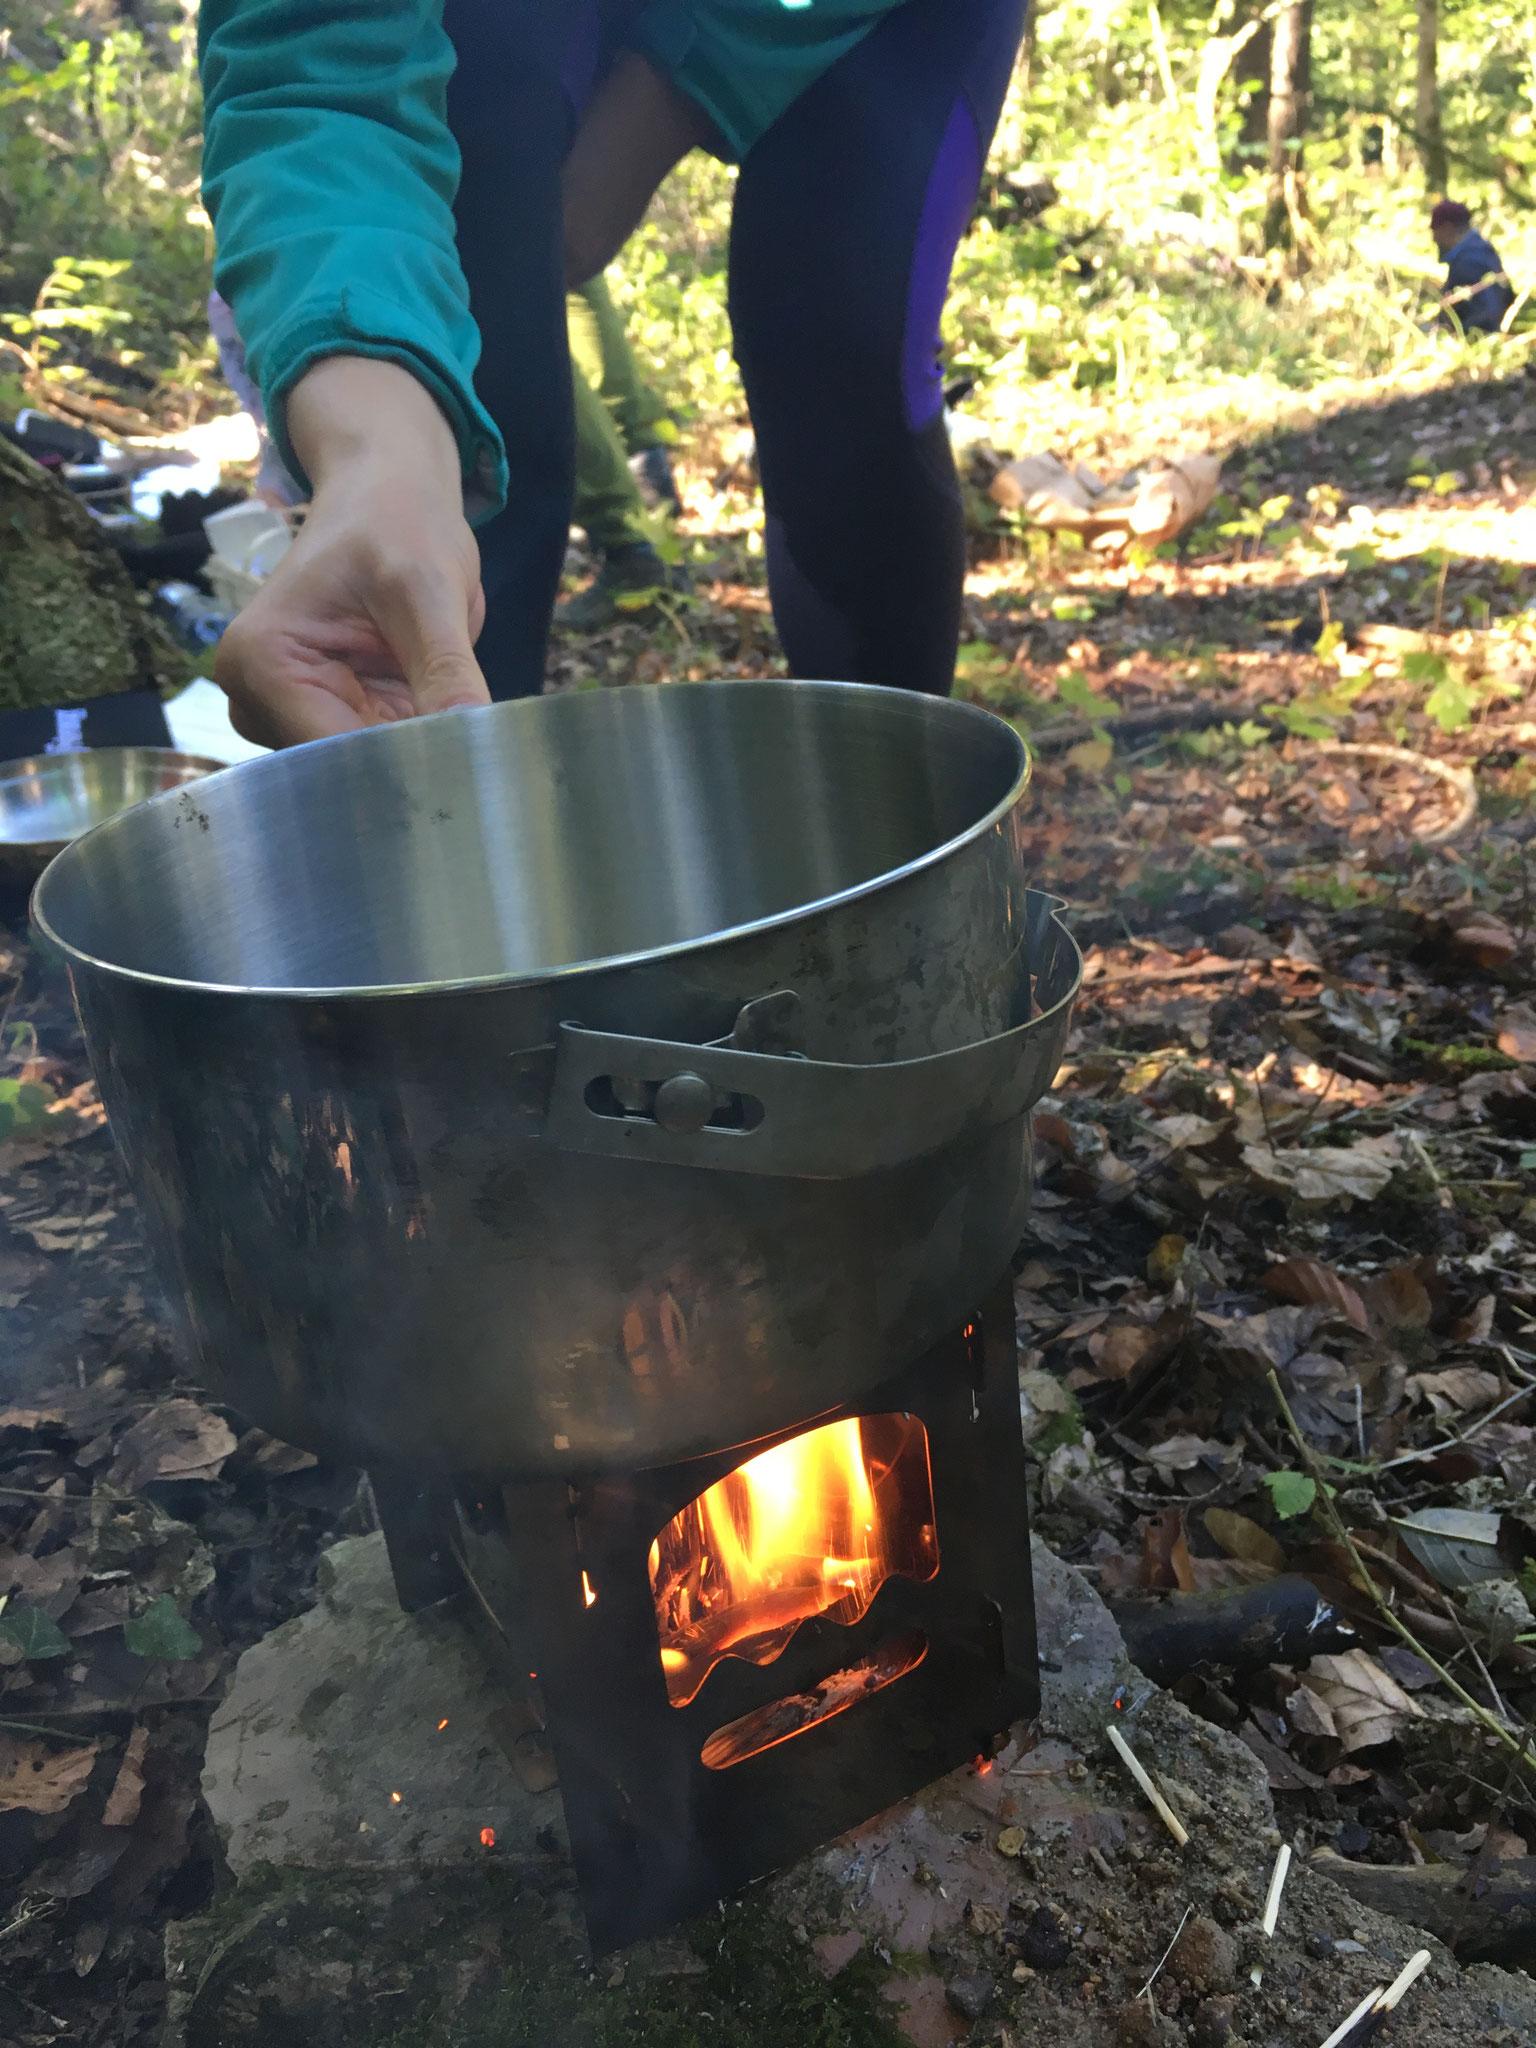 Die Suppe wird auf dem Hobokocher zubereitet